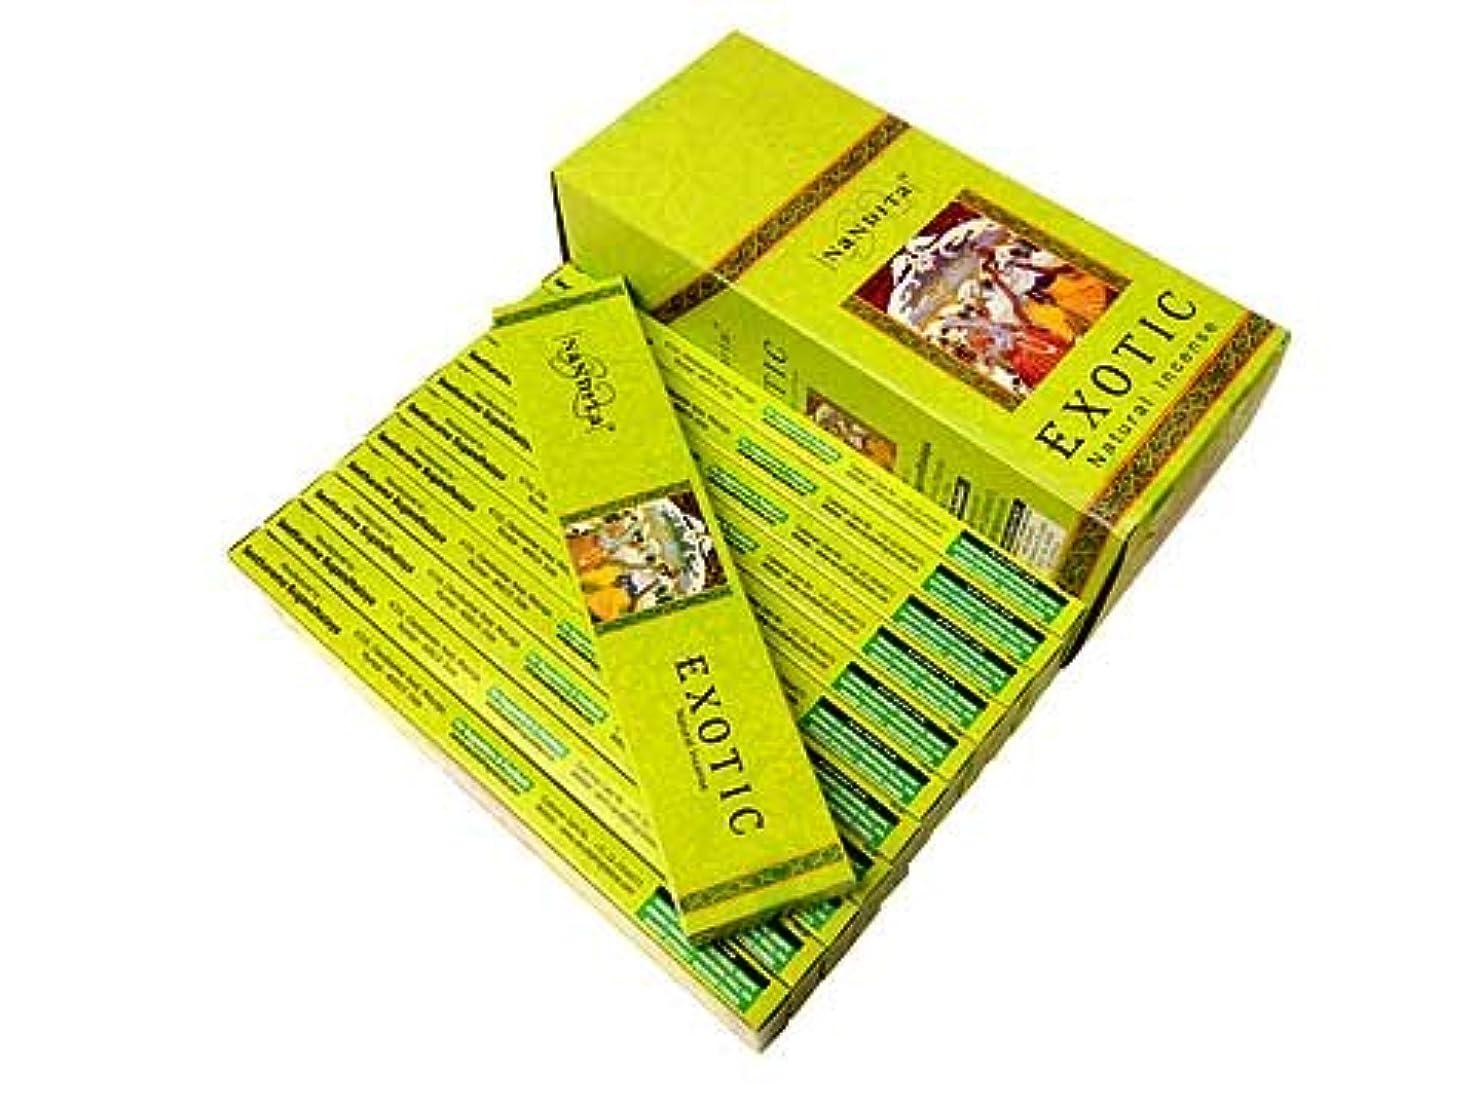 注目すべき愚か学習者NANDITA(ナンディータ) エキゾチック香 スティック EXOTIC 12箱セット